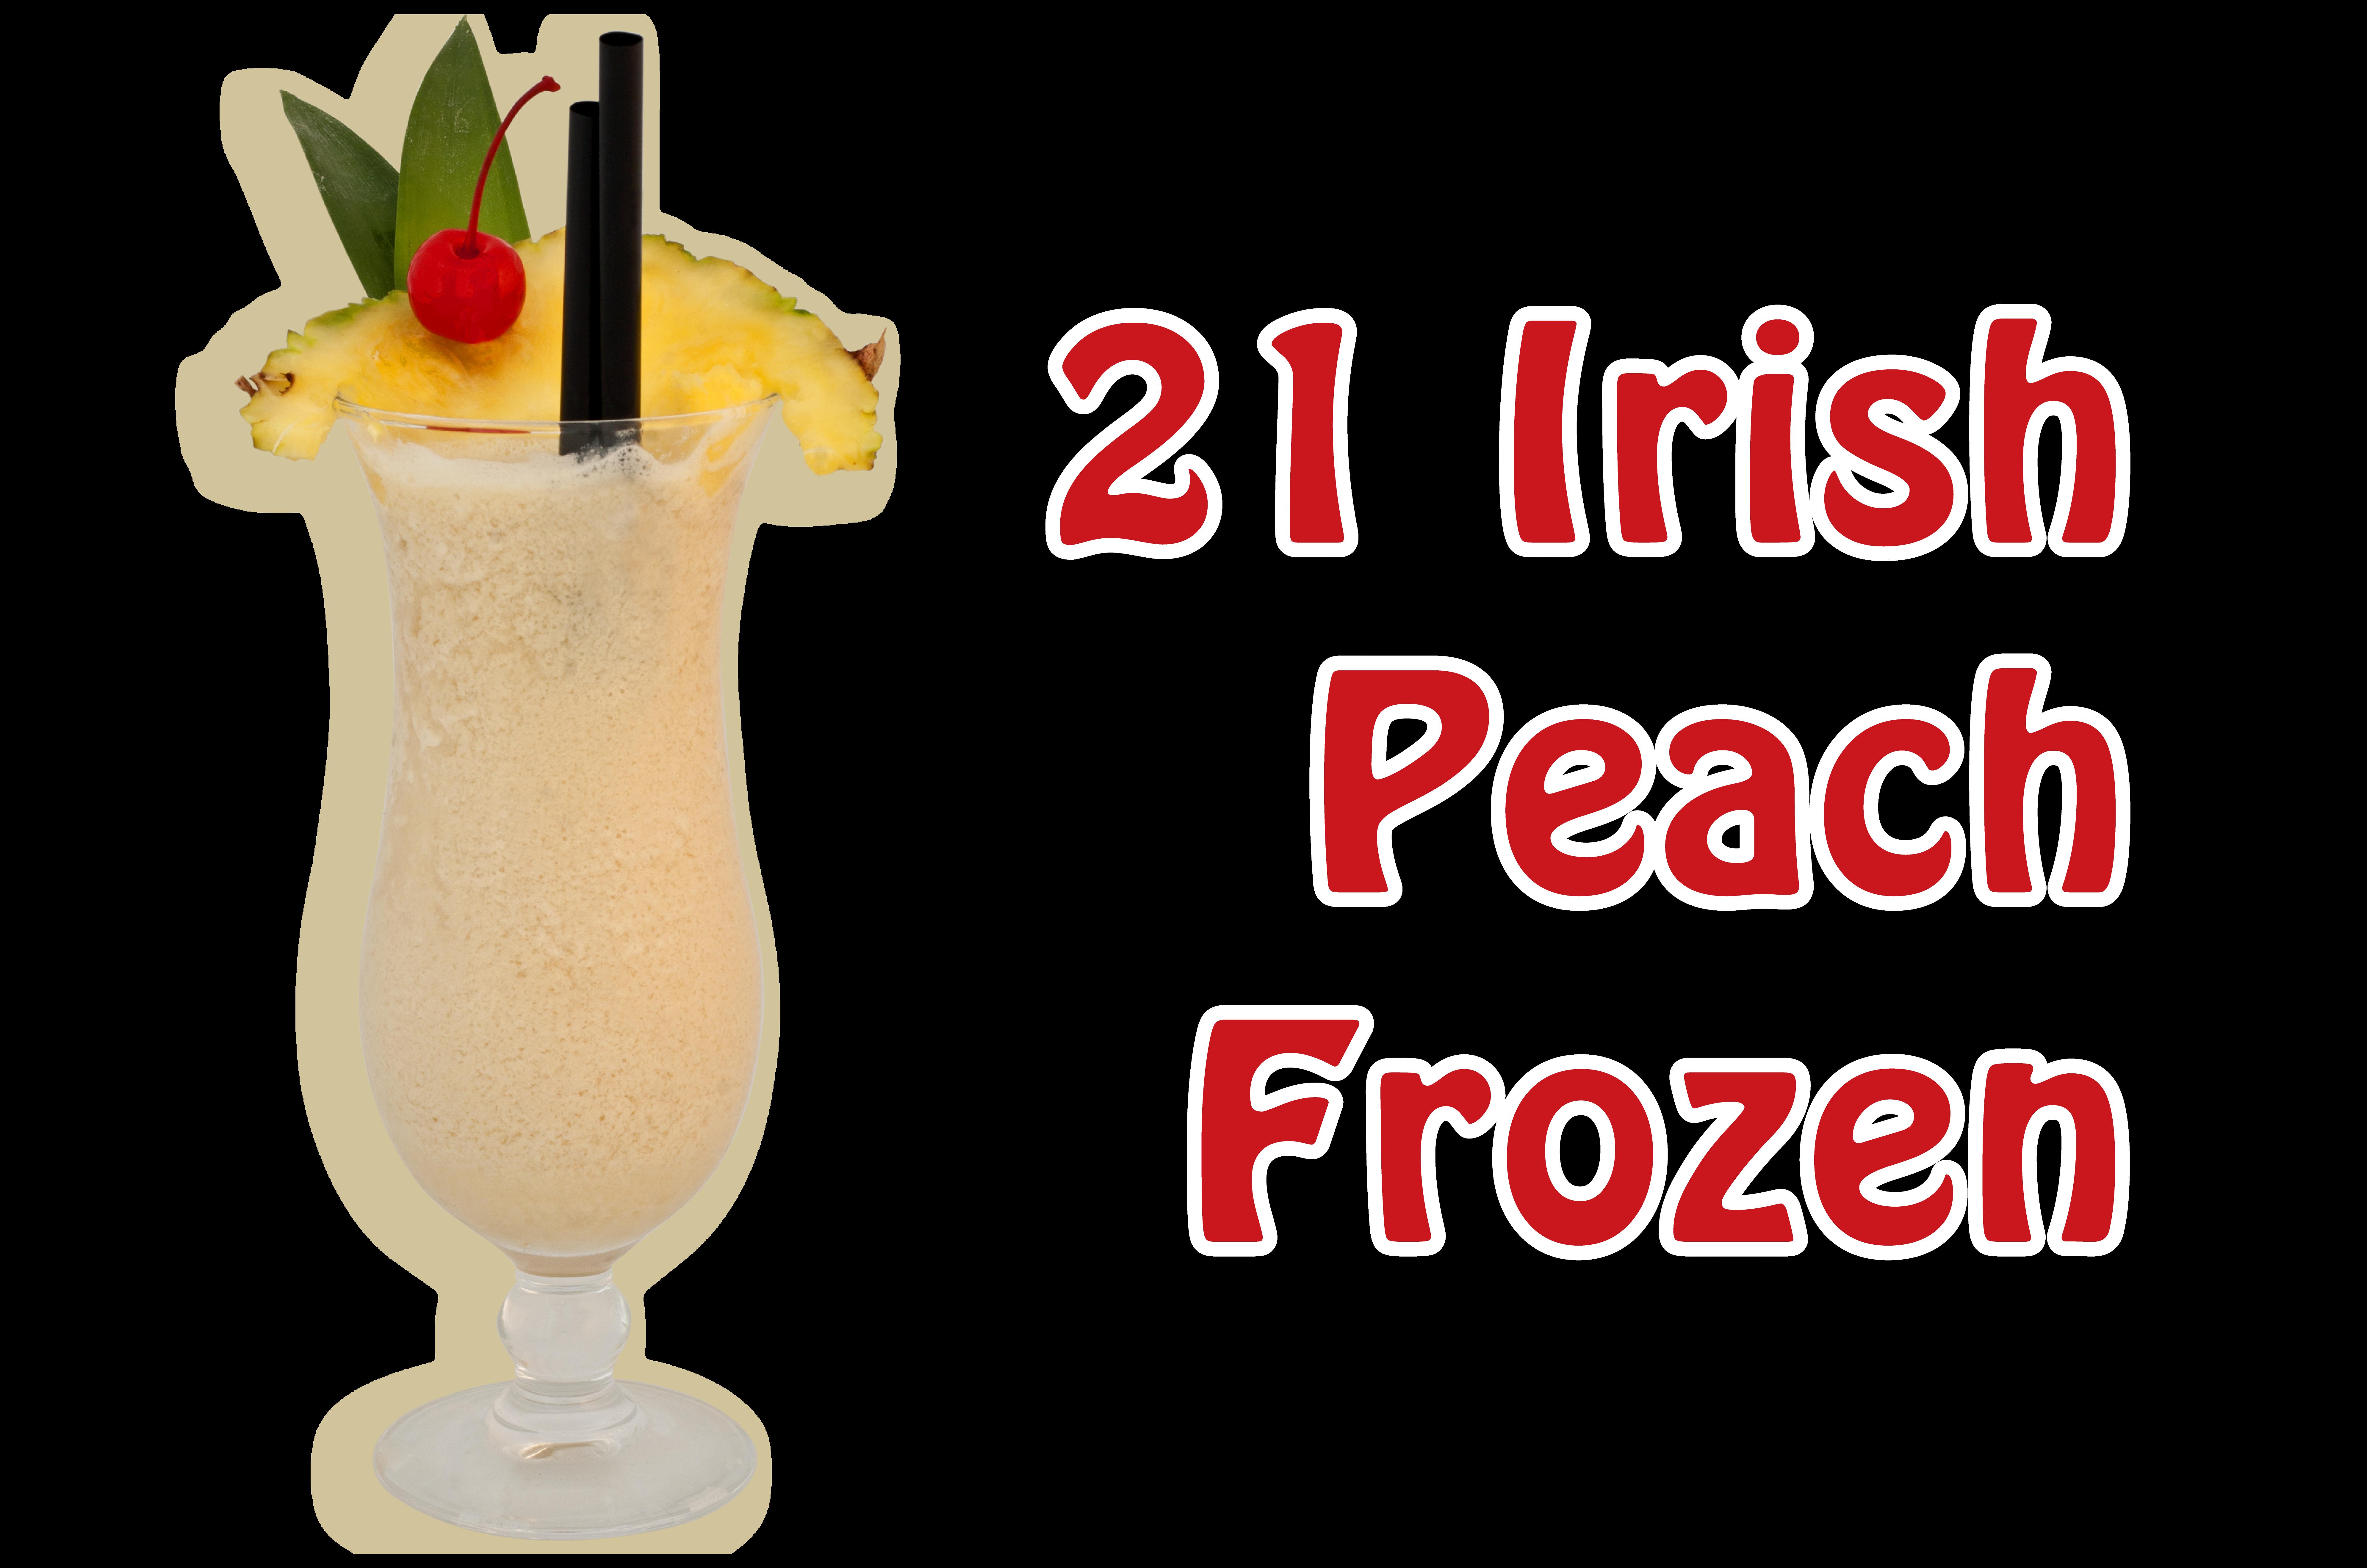 21-Irish-Peach-Frozen